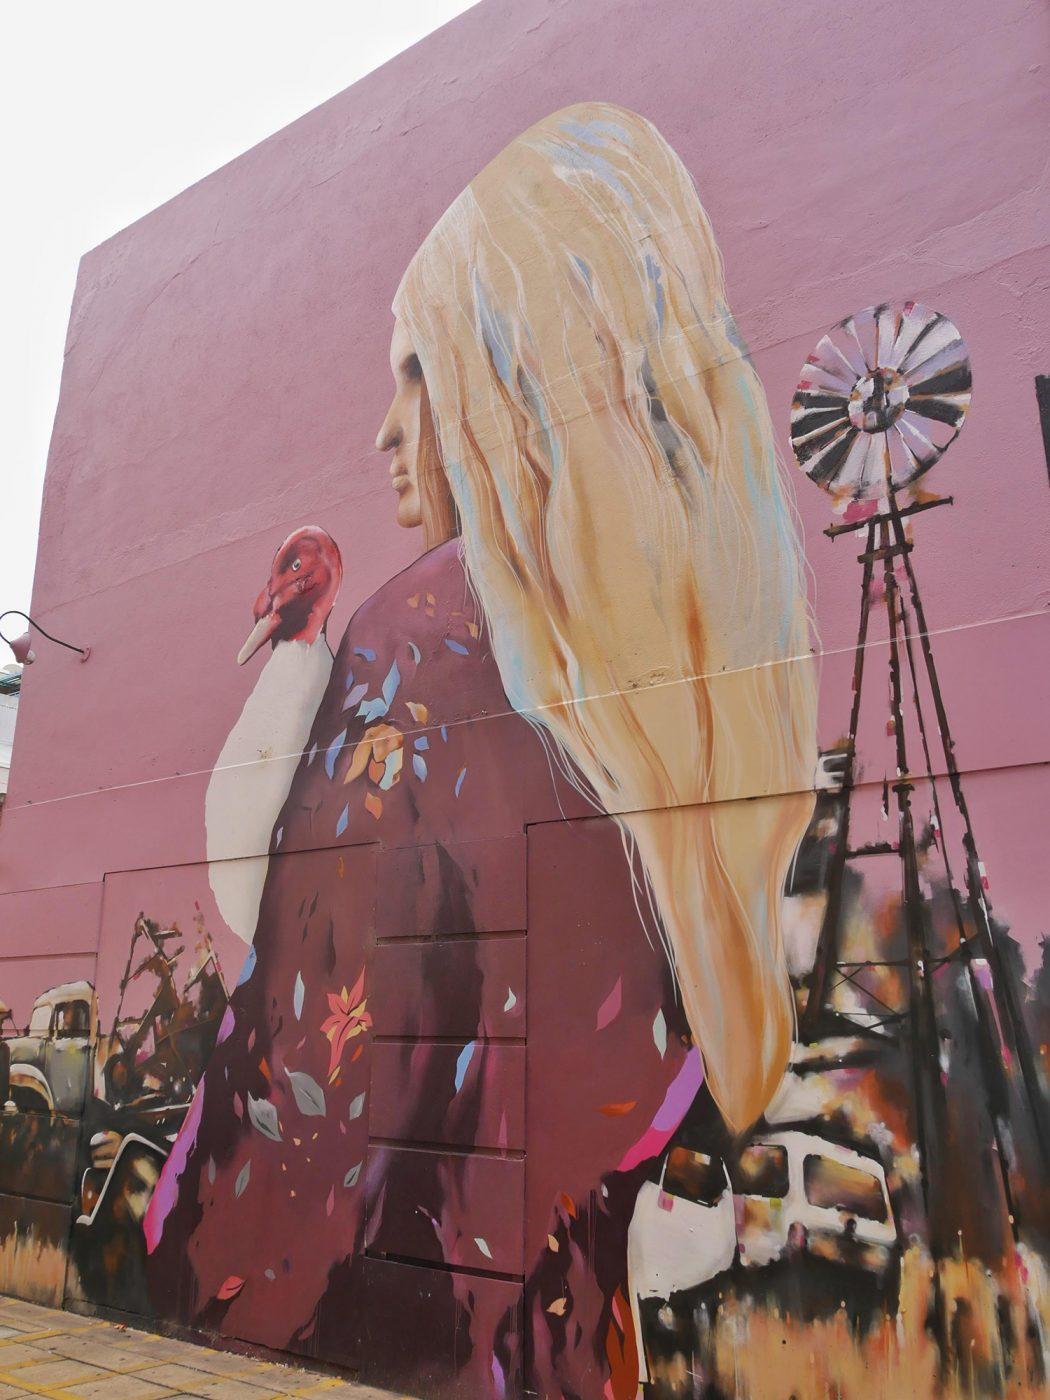 Street art in Adelaide